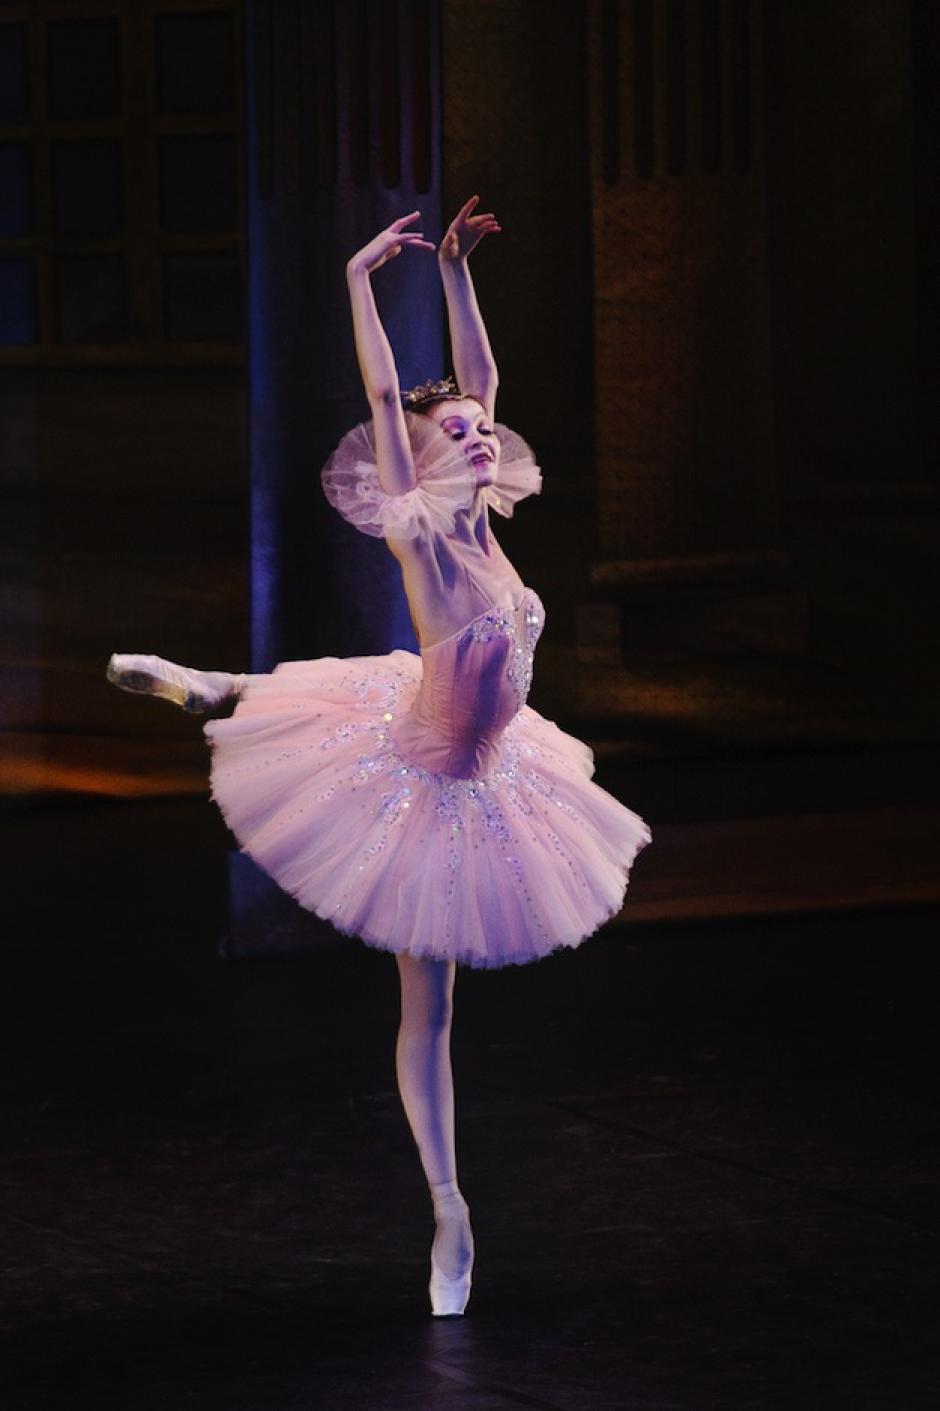 La Bella durmiente será la presentación del ballet. (Fotos: archivo)